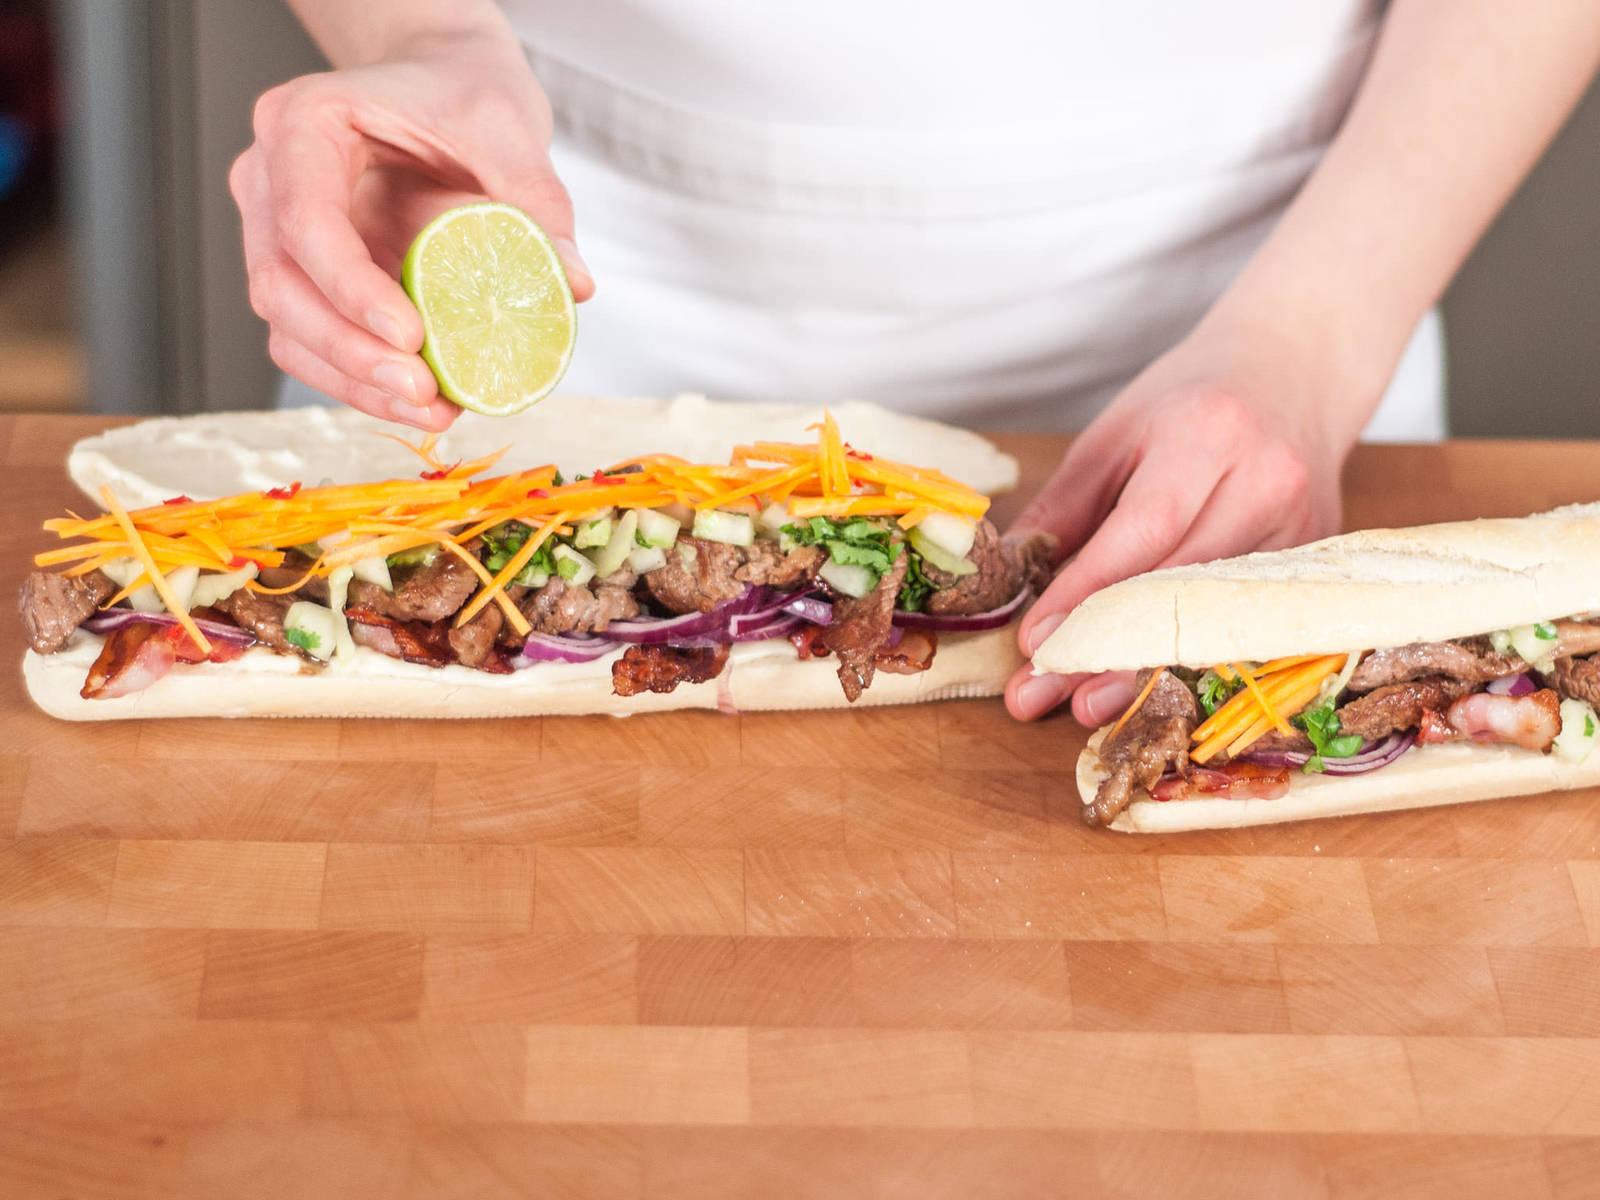 Baguette der Länge nach aufschneiden, hierbei aufpassen es nicht komplett durchzuschneiden. Ober- und Unterseite des Baguettes mit Mayonnaise bestreichen. Mit Speck, Rind, Gemüse und Kräutern belegen. Mit dem restlichen Koriander garnieren und mit Limettensaft beträufeln. Guten Appetit!